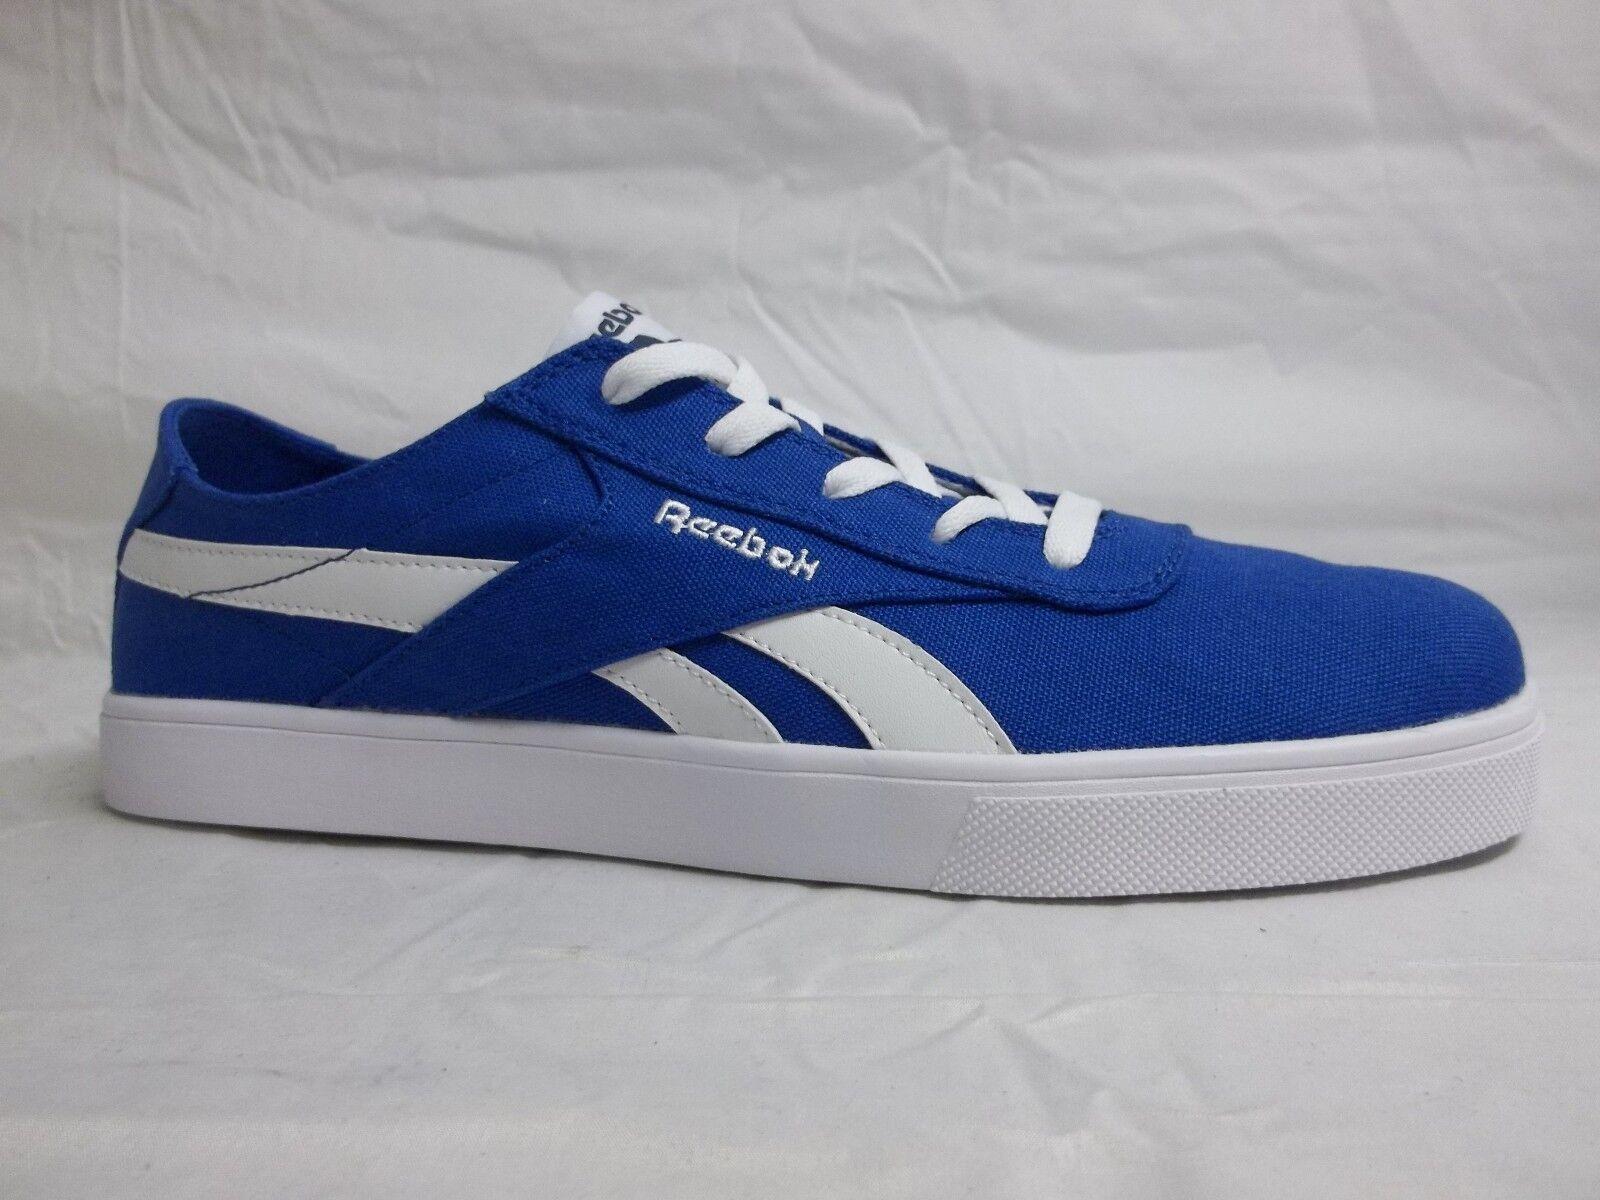 Reebok Size 9.5 M Royal Global Vulc Royal Blue Low  New Uomo Shoes NWOB